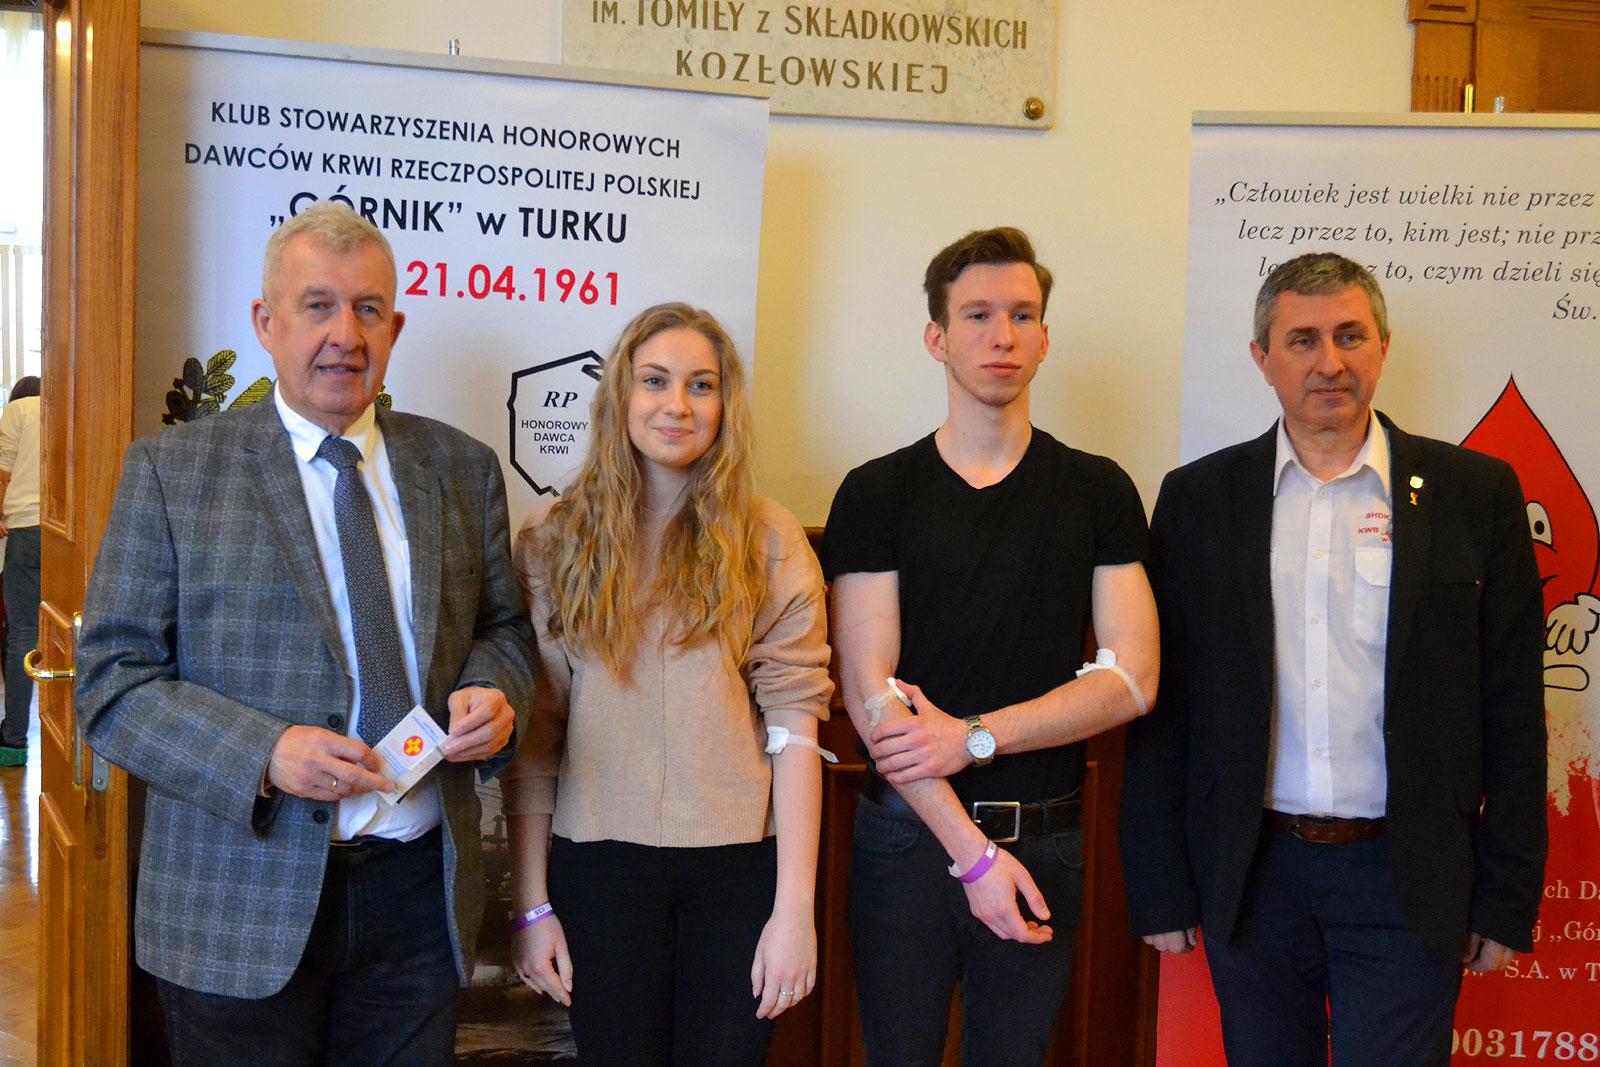 Zbiórka krwi w LO Turek. Honorowa akcja uczniów zebrała ponad 22 litrów - foto: Mateusz Łechtański